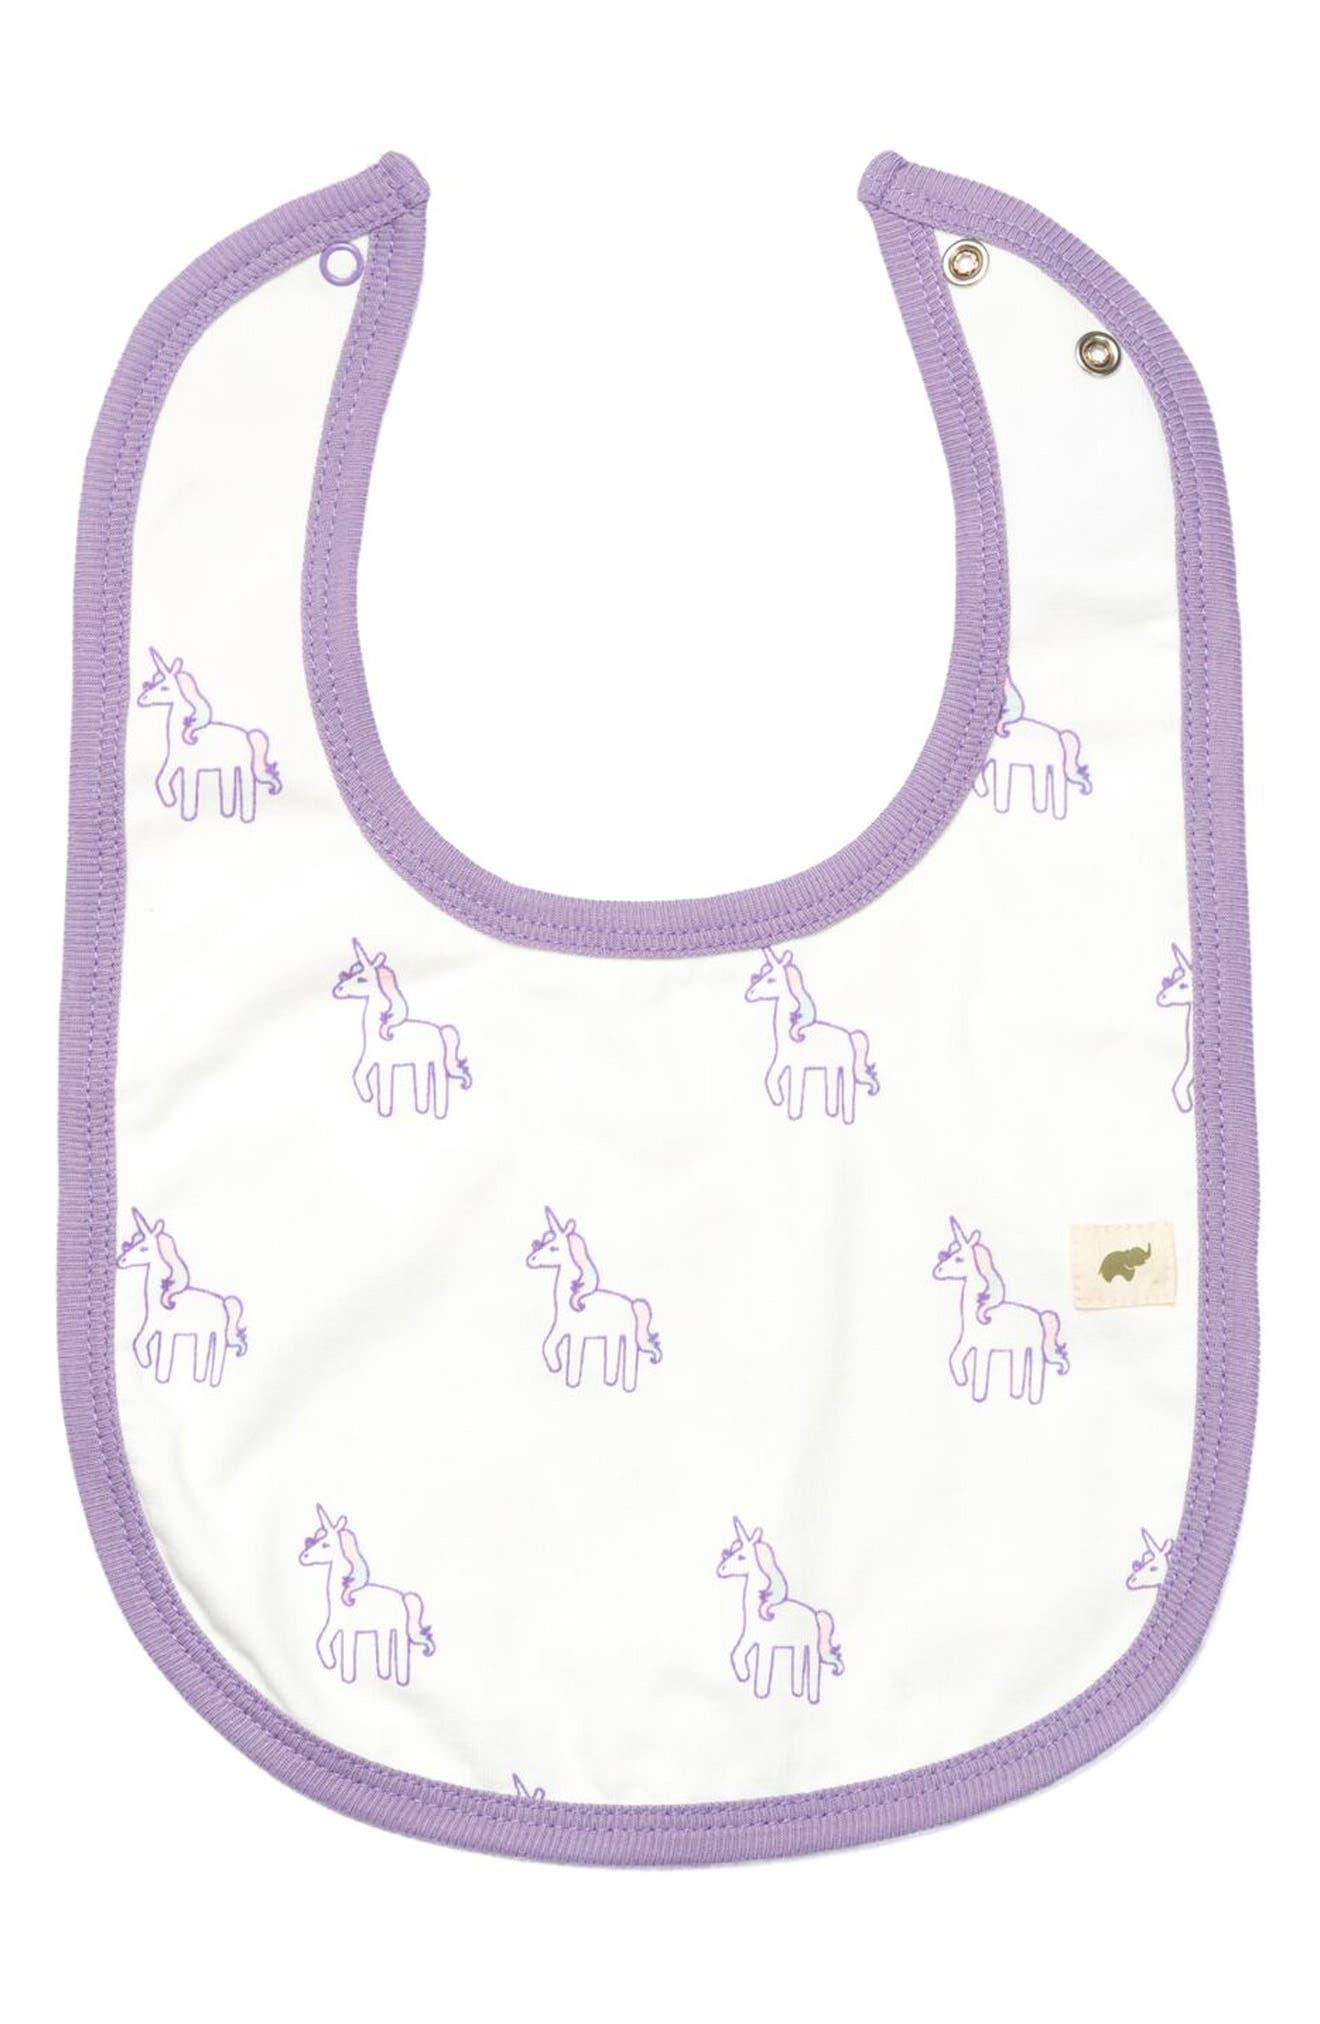 MONICA + ANDY Unicorn Print Organic Stretch Cotton Bib, Main, color, OMBRE UNICORN